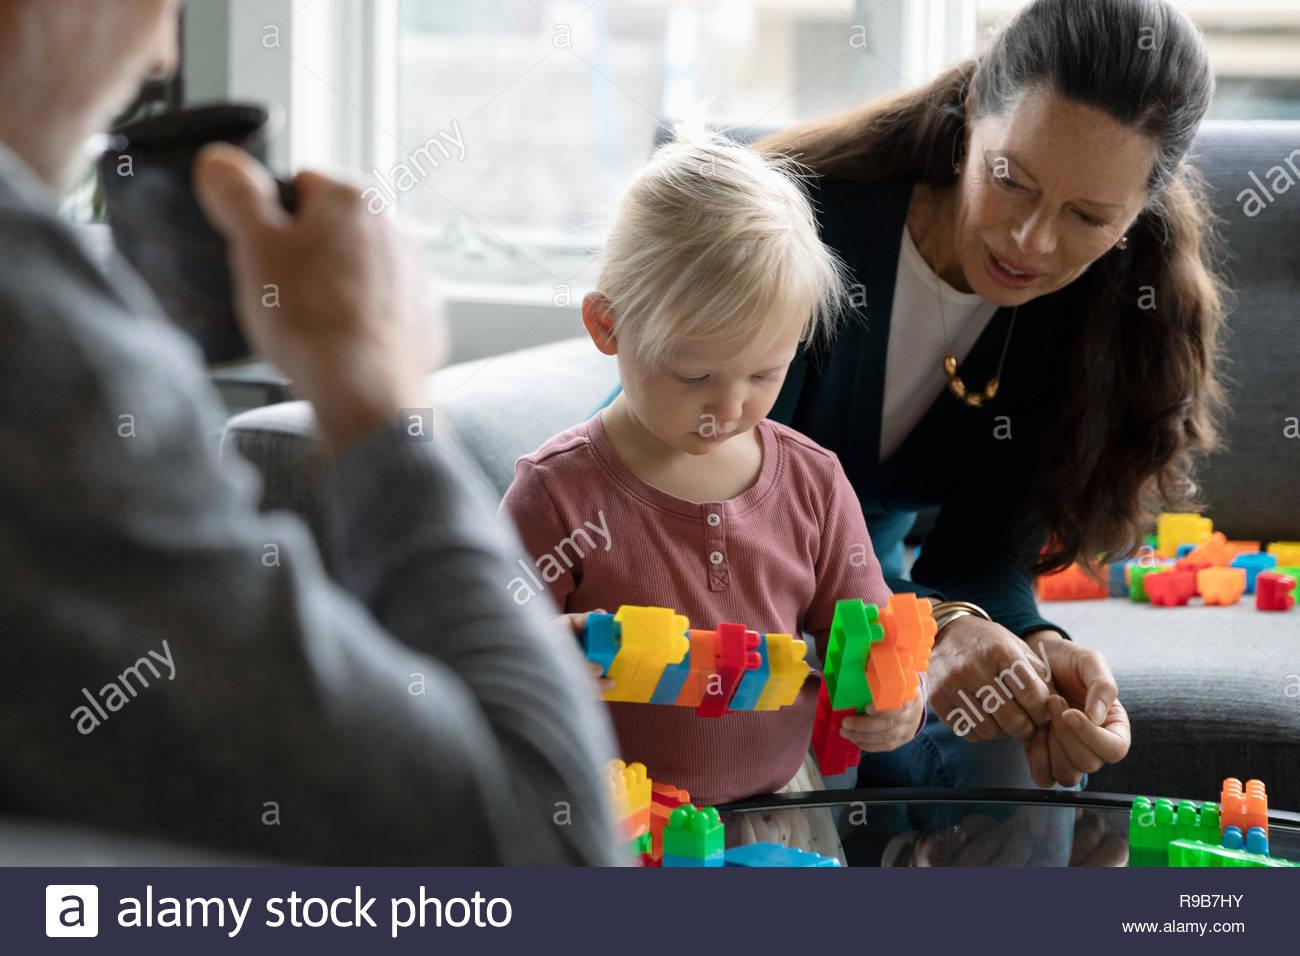 Nonna e nipote giocando con dei blocchi di materia plastica Immagini Stock